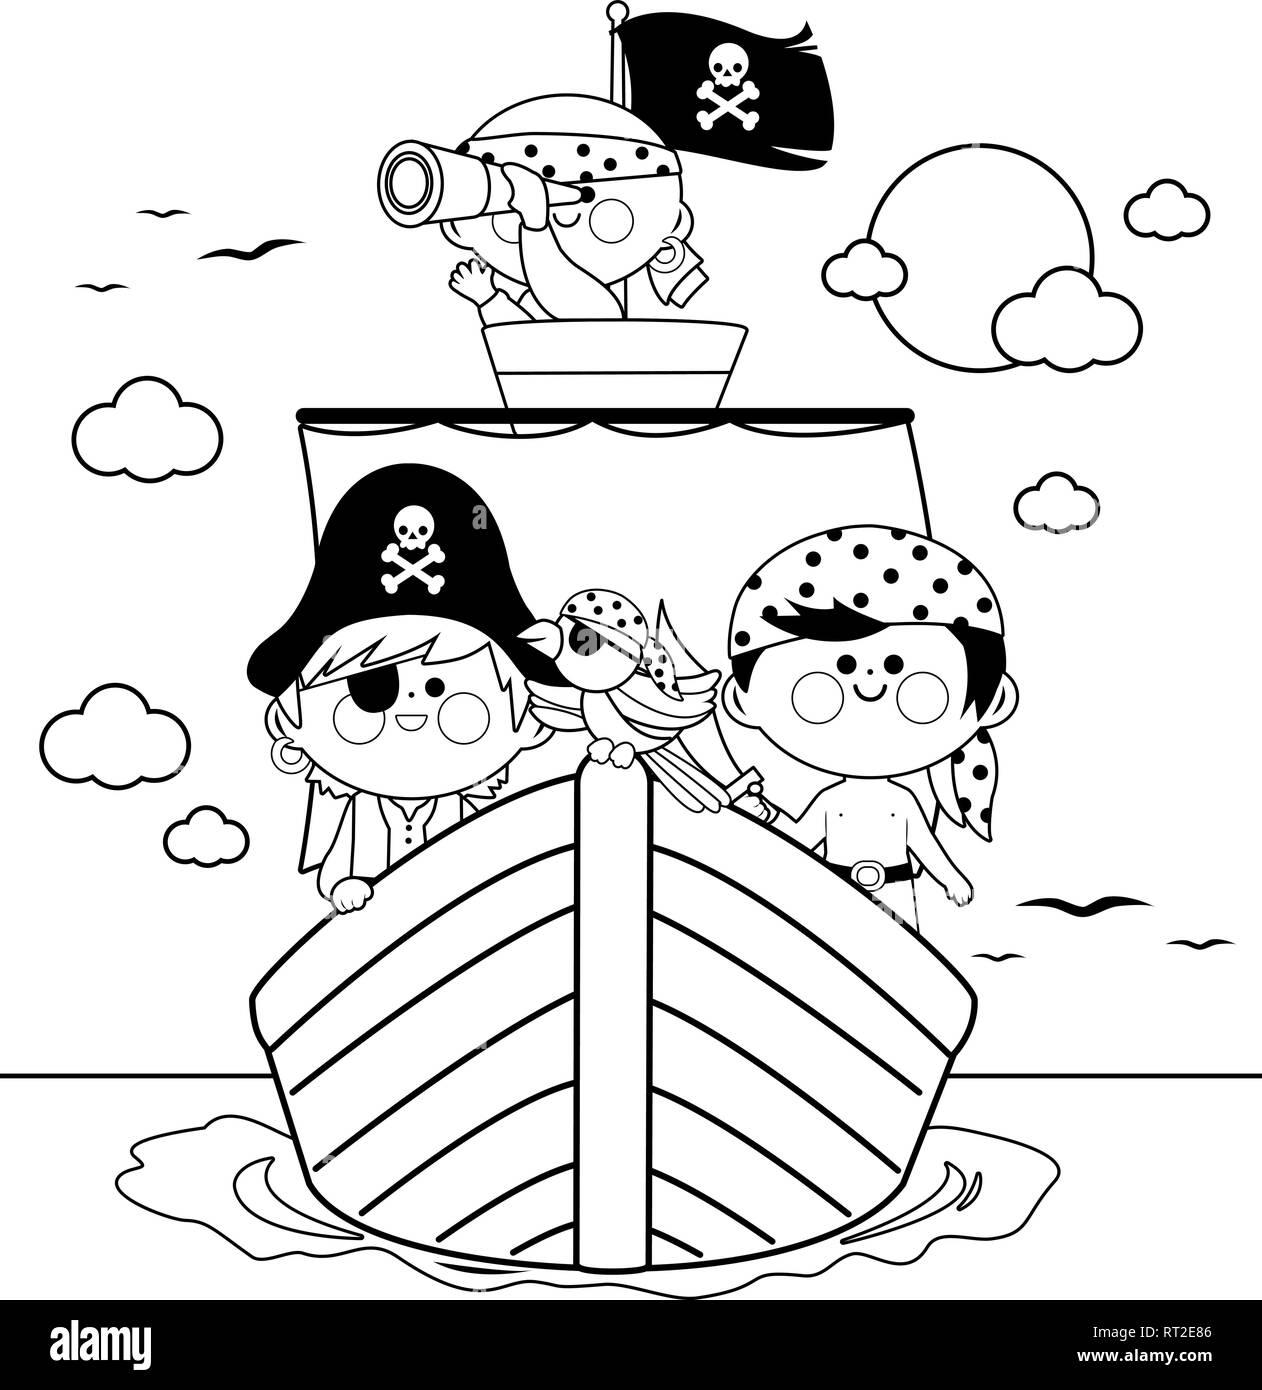 Piratas Navegando En Un Barco En El Mar Libro Para Colorear